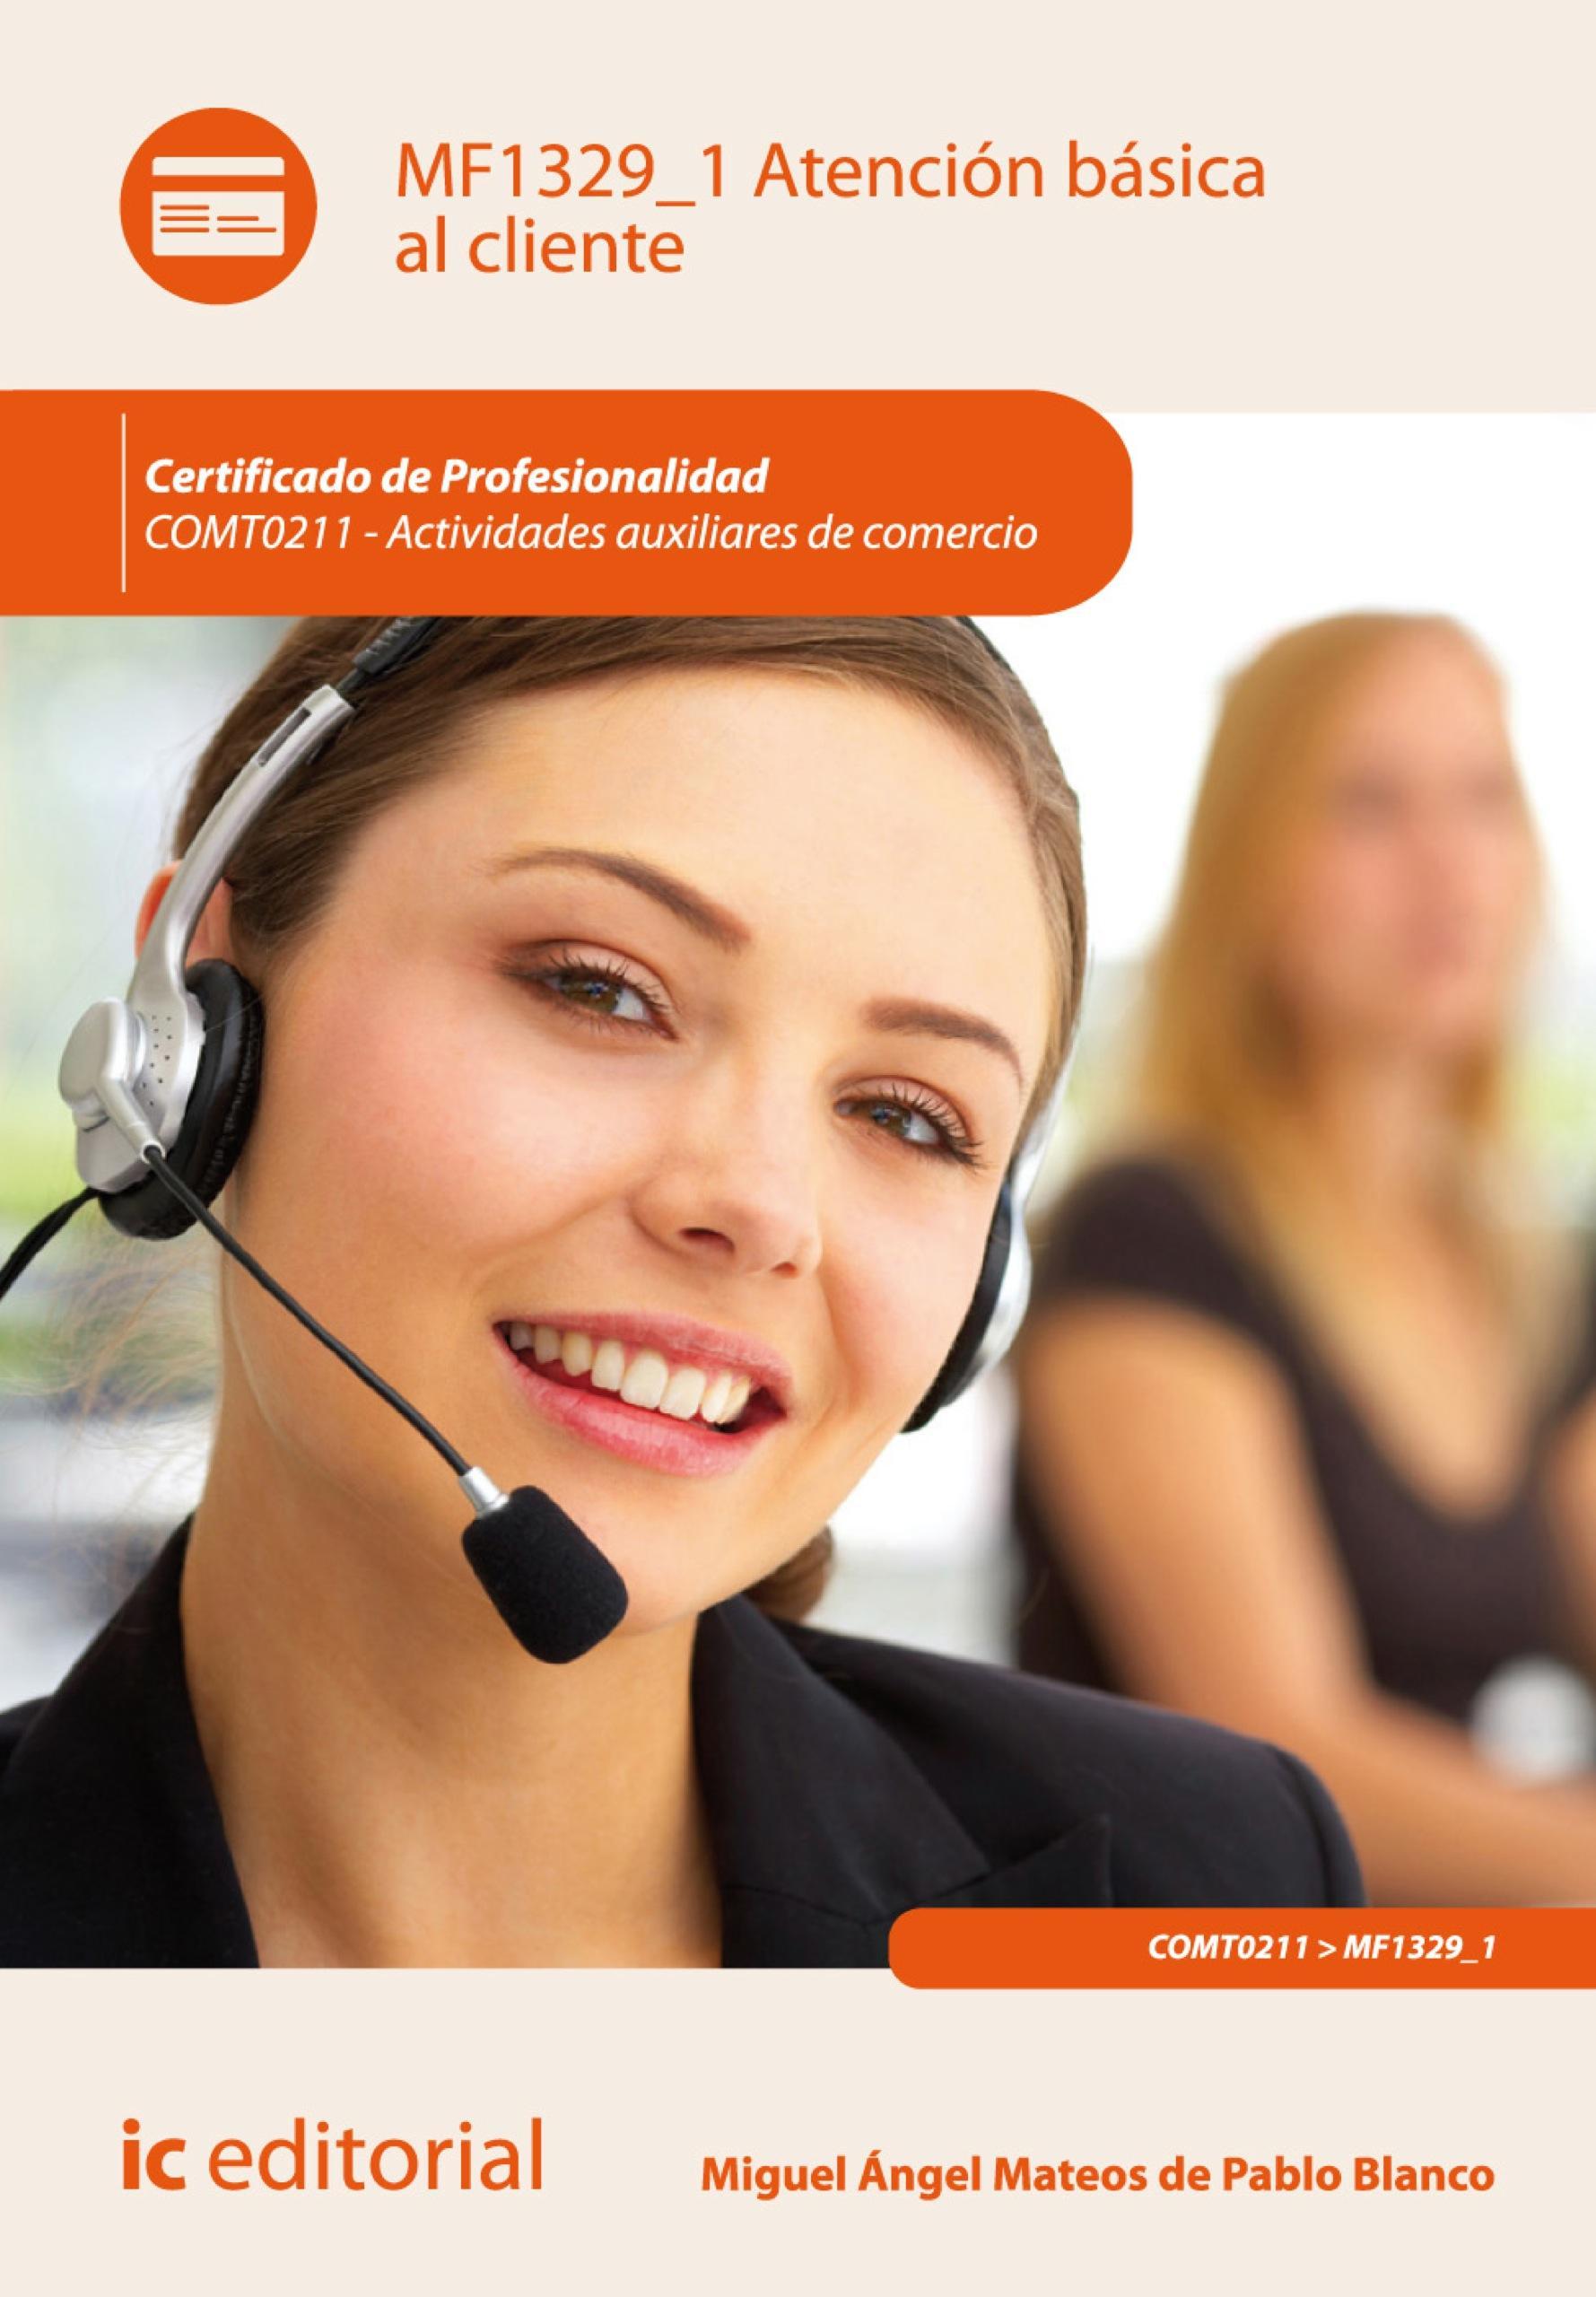 Atención básica al cliente. COMT0211